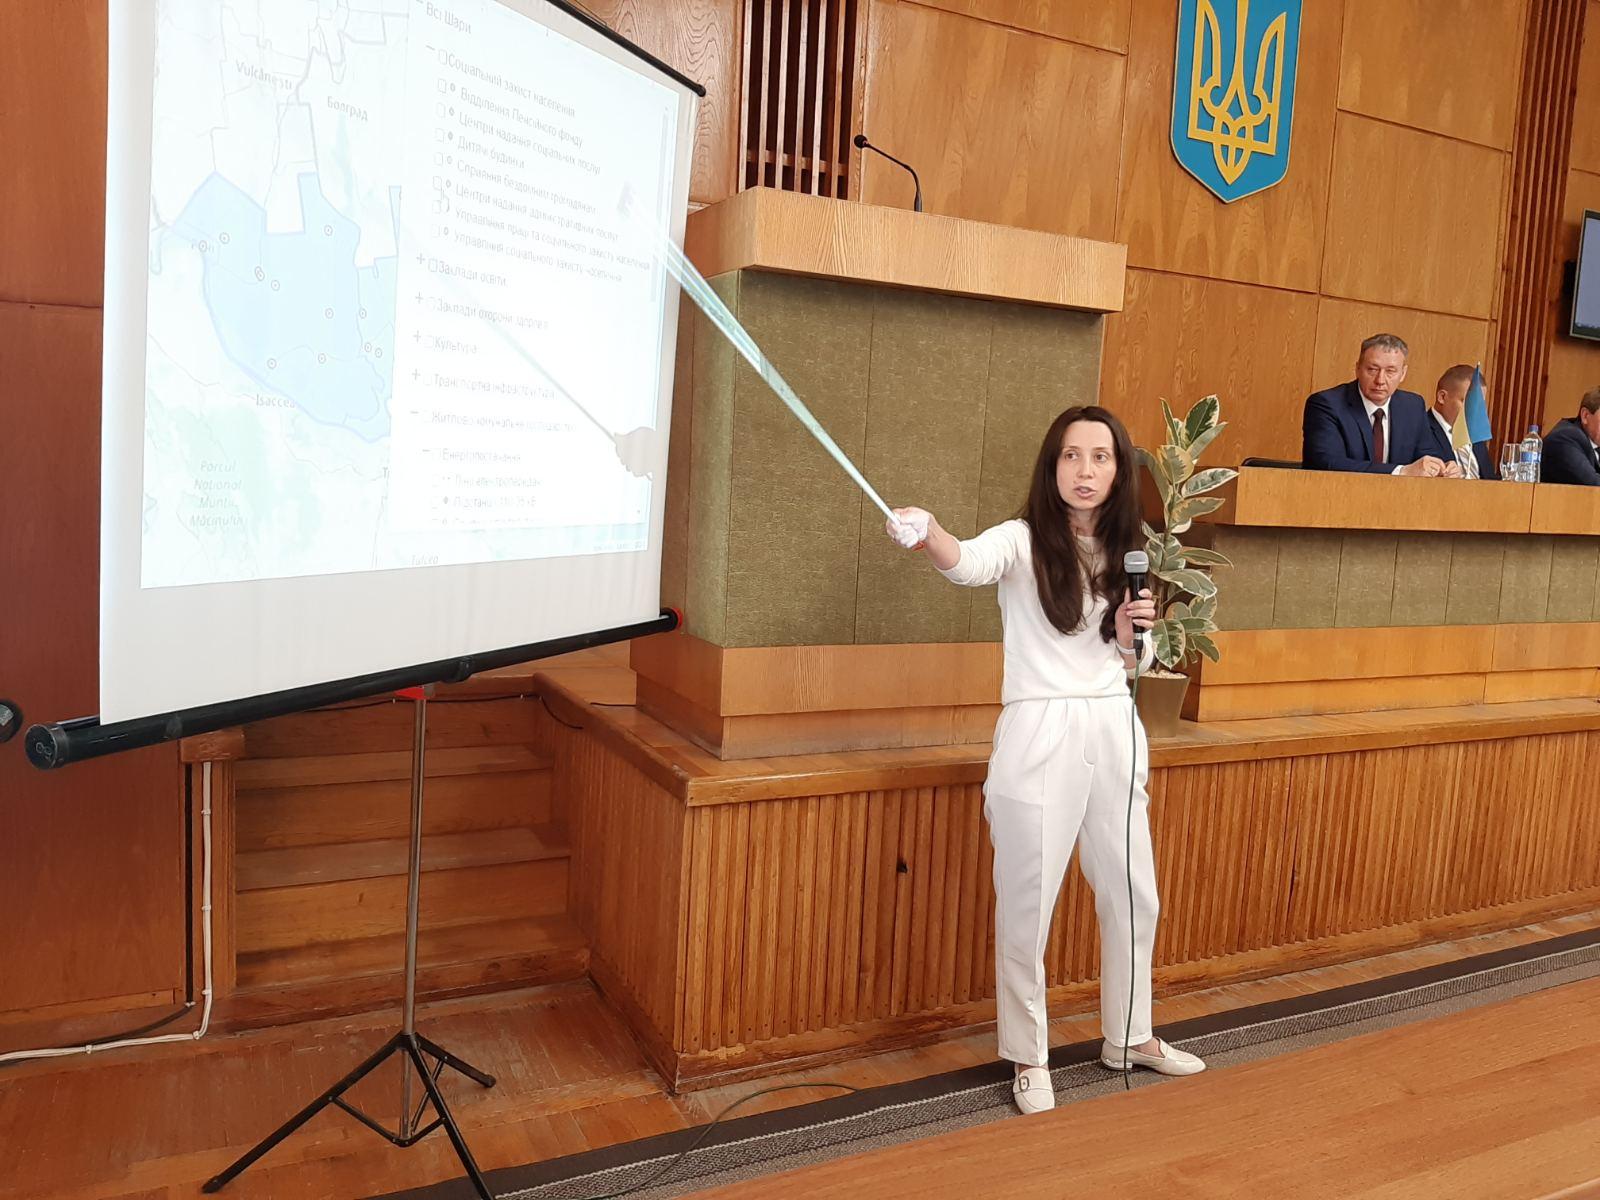 Информационная платформа Измаильского района утверждена, но требует доработки